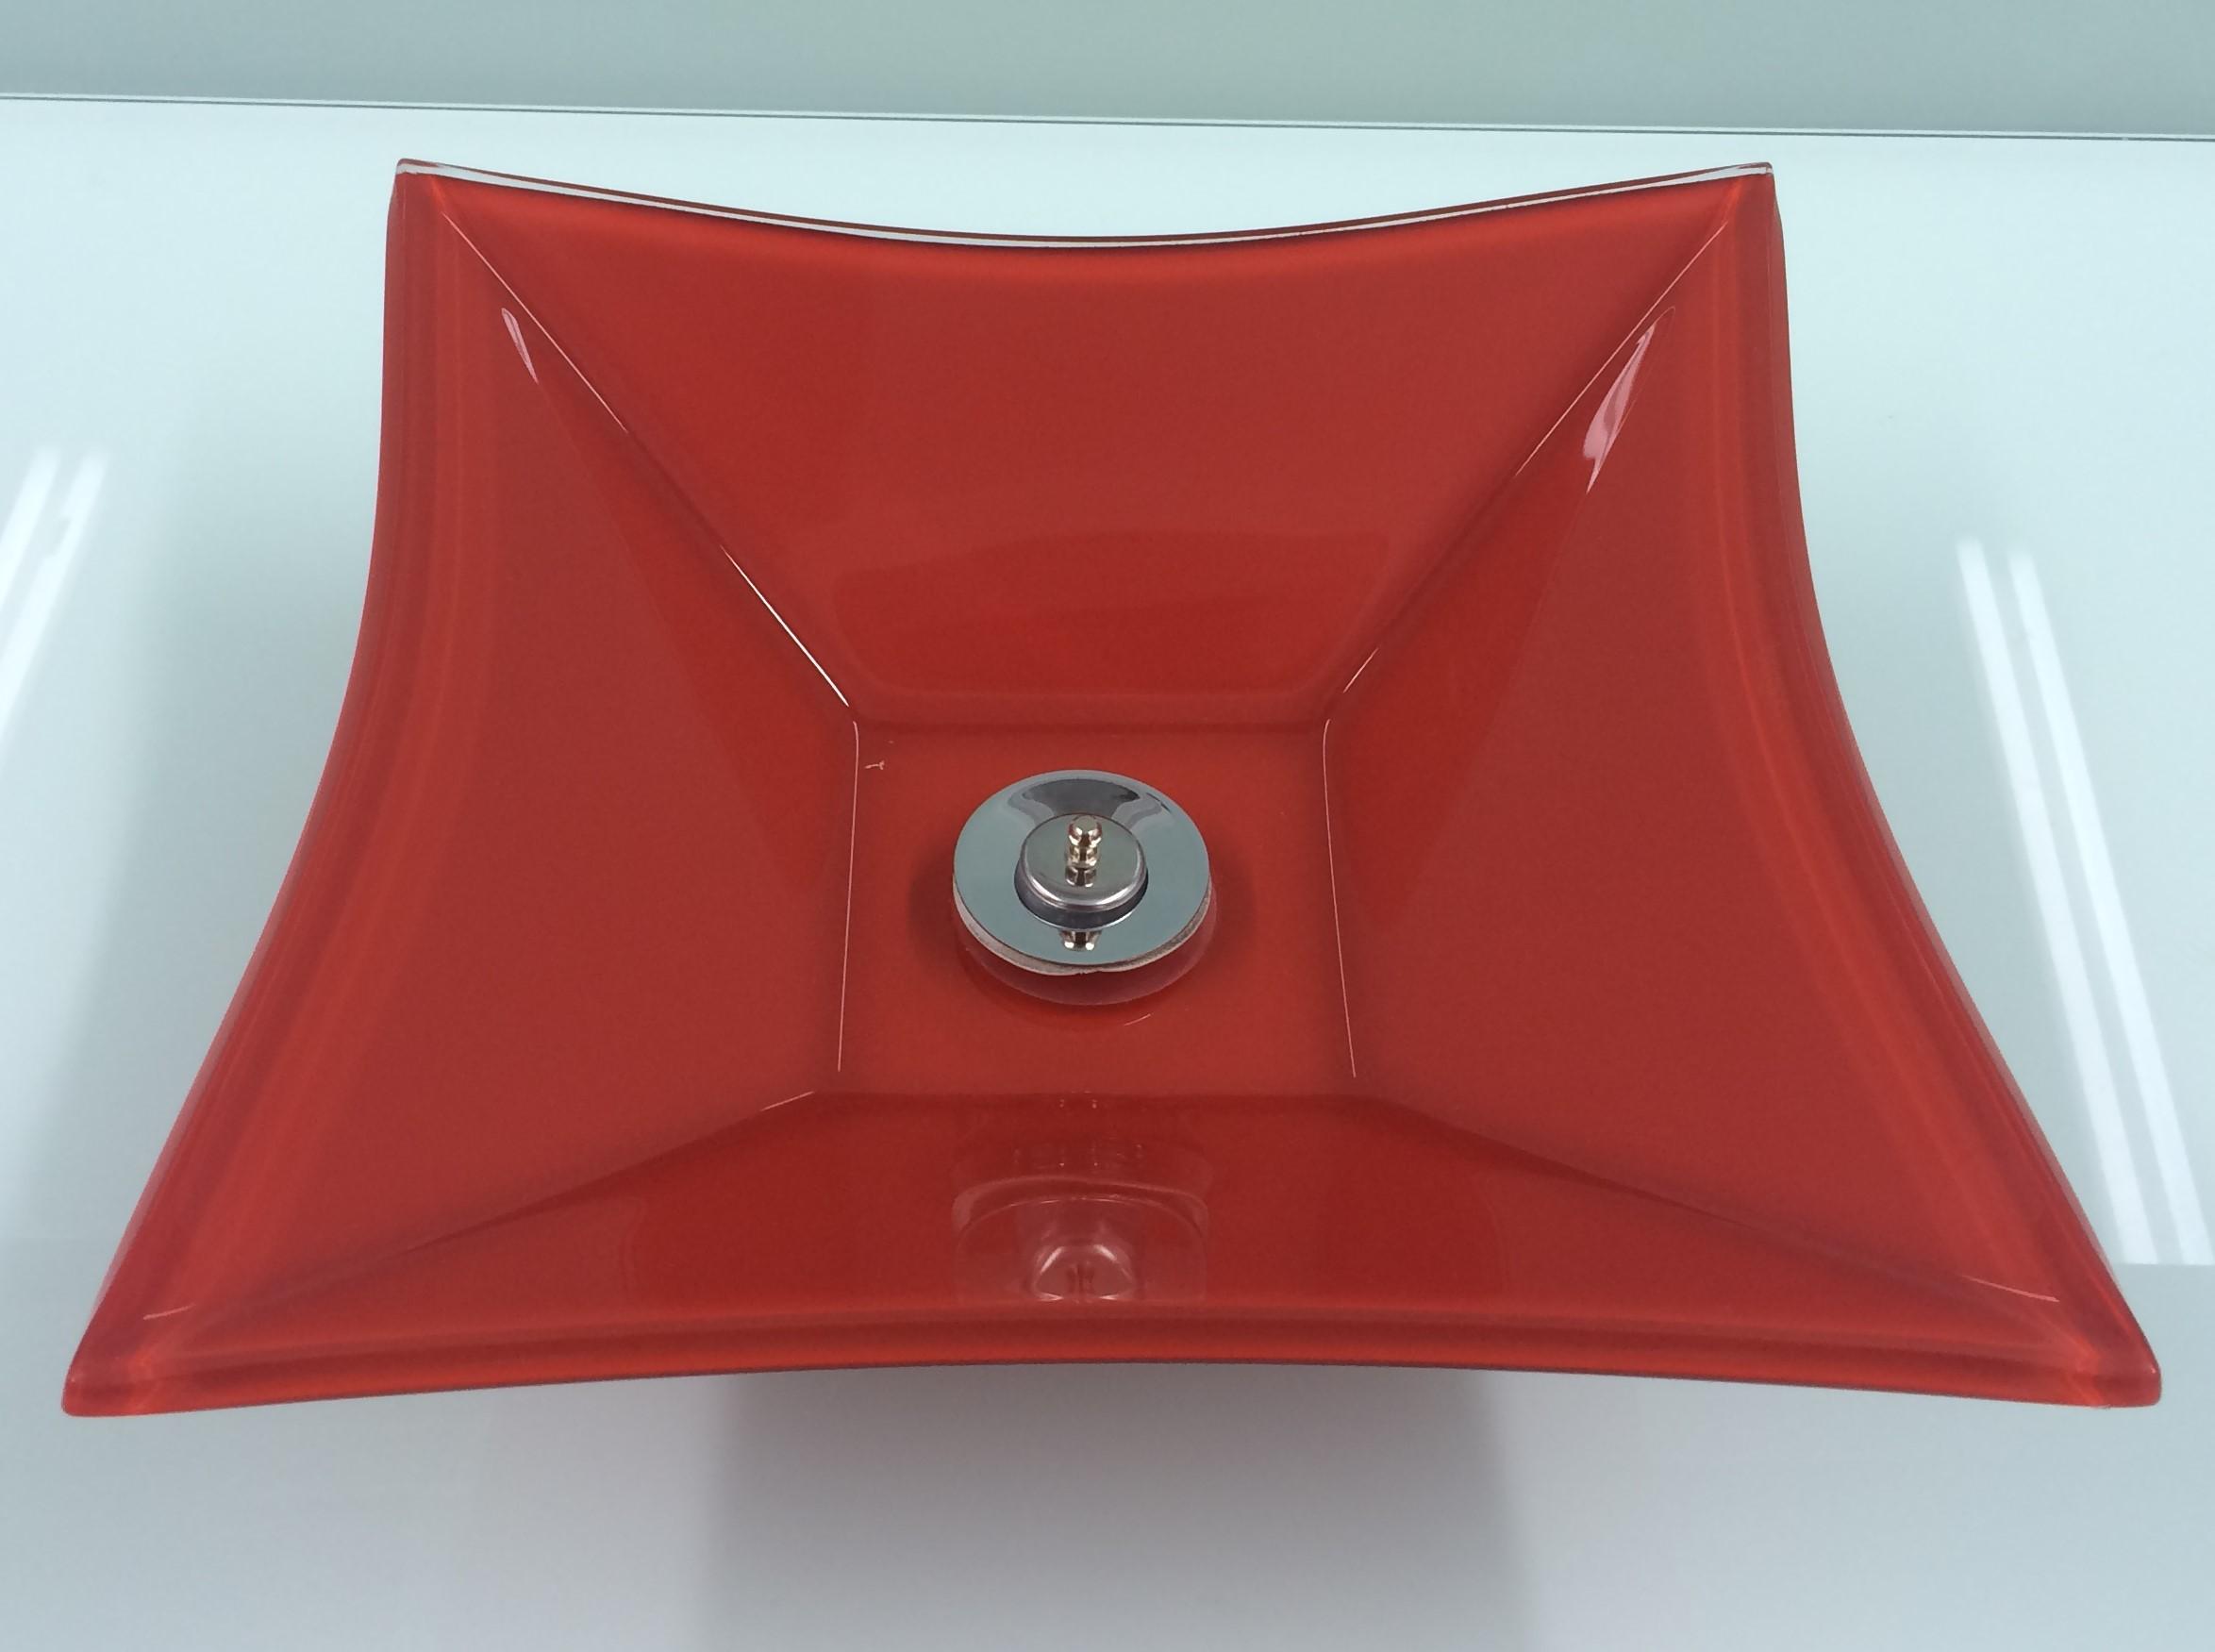 Cuba de Vidro - Sulle 41 x 31,5 cm Vidro Esmaltado Vermelho